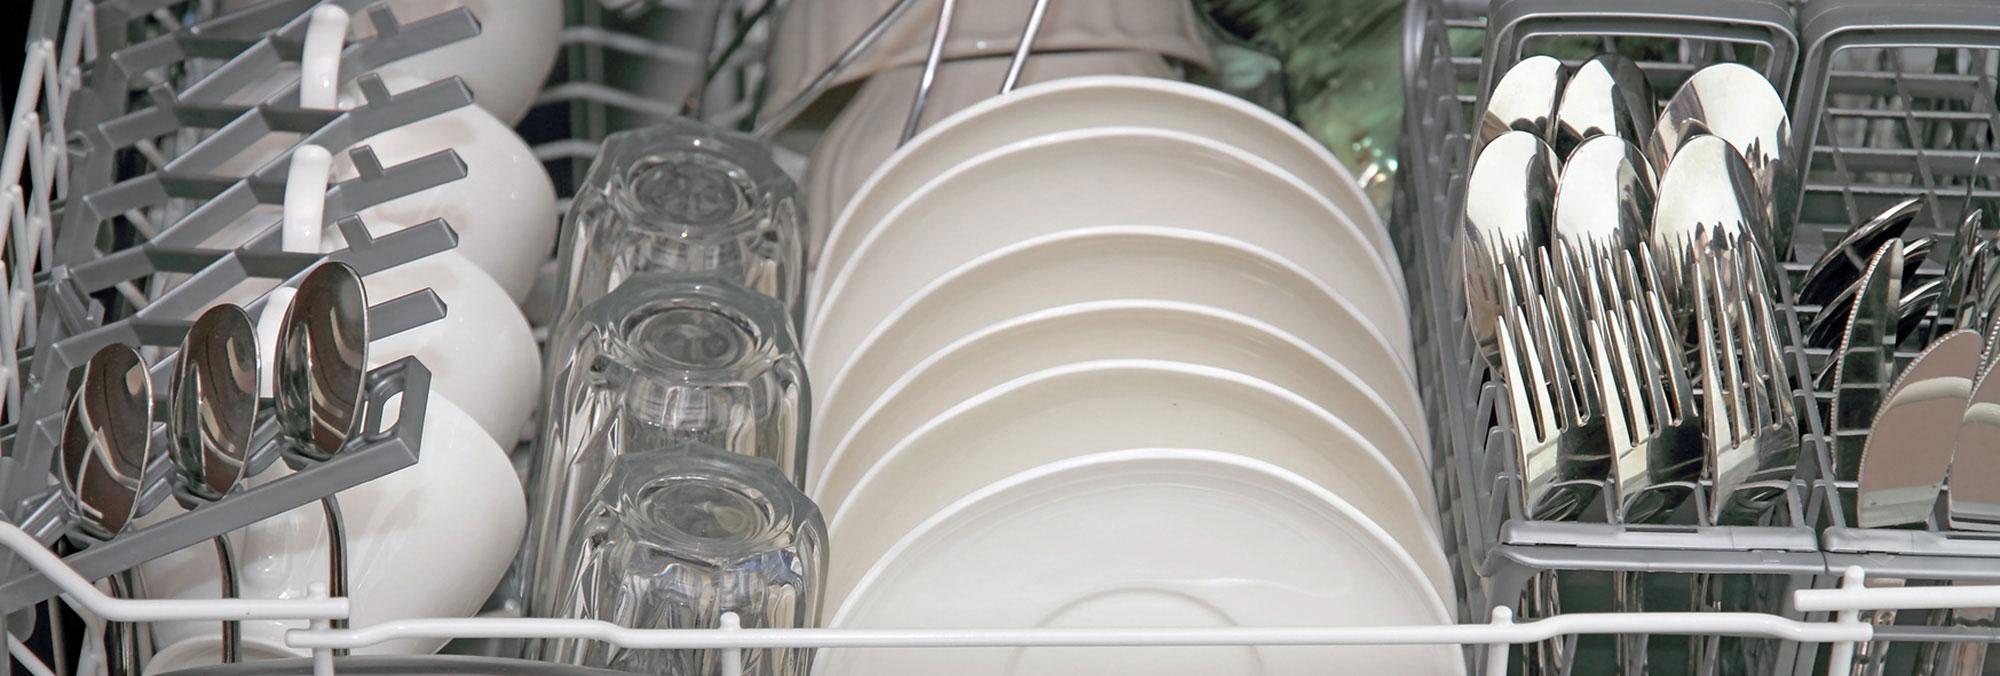 geschirrsp ler verliert wasser was sind die ursachen. Black Bedroom Furniture Sets. Home Design Ideas